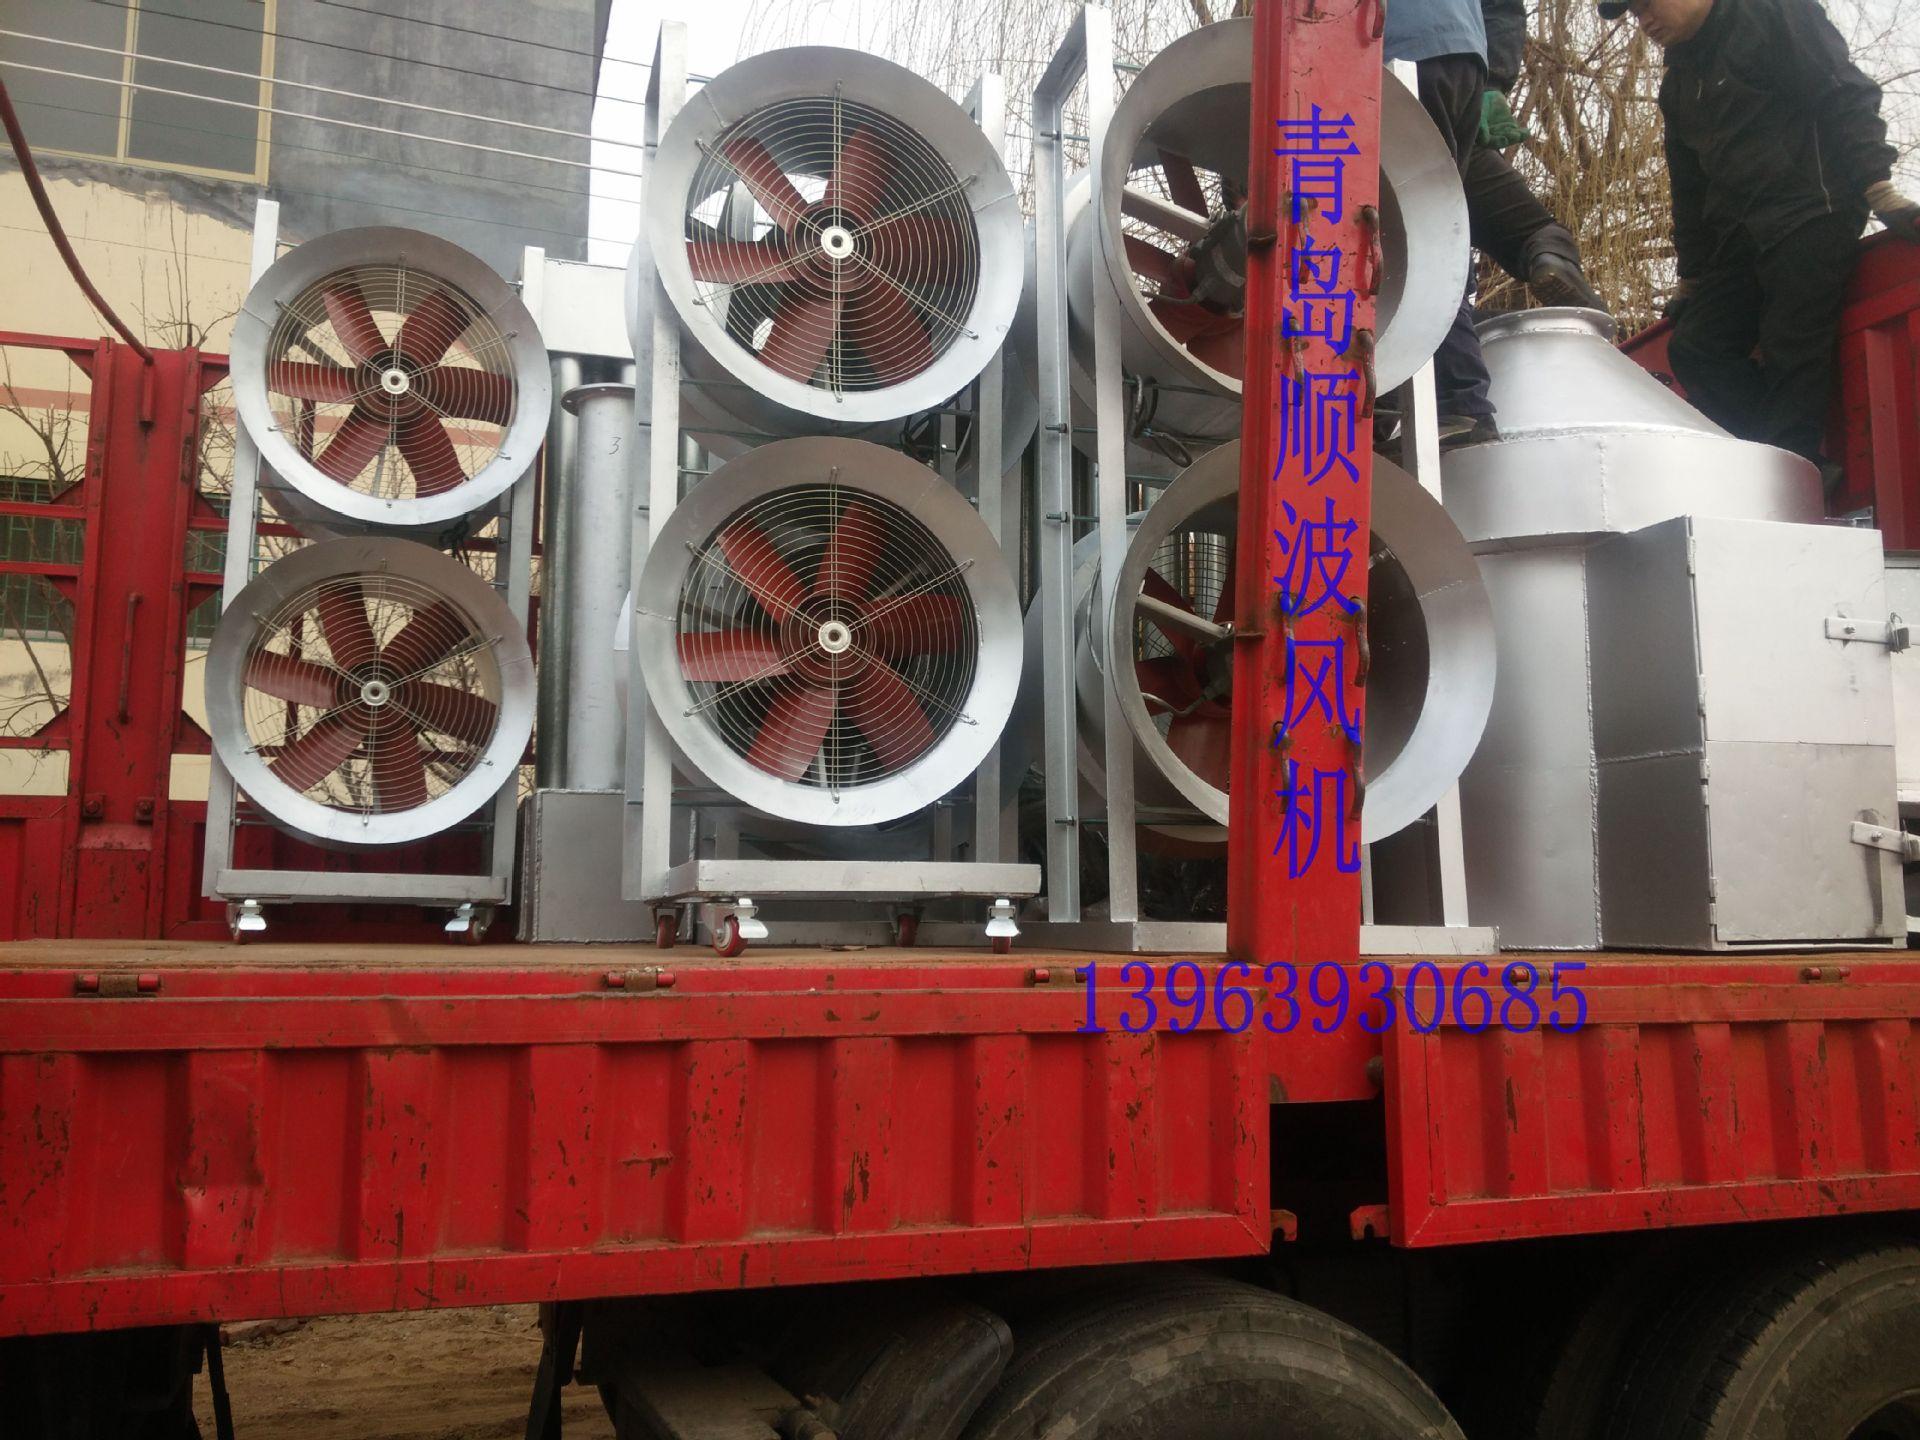 青岛顺波食品厂家直销大连通引风机风机v食品十八酸正丁酯图片